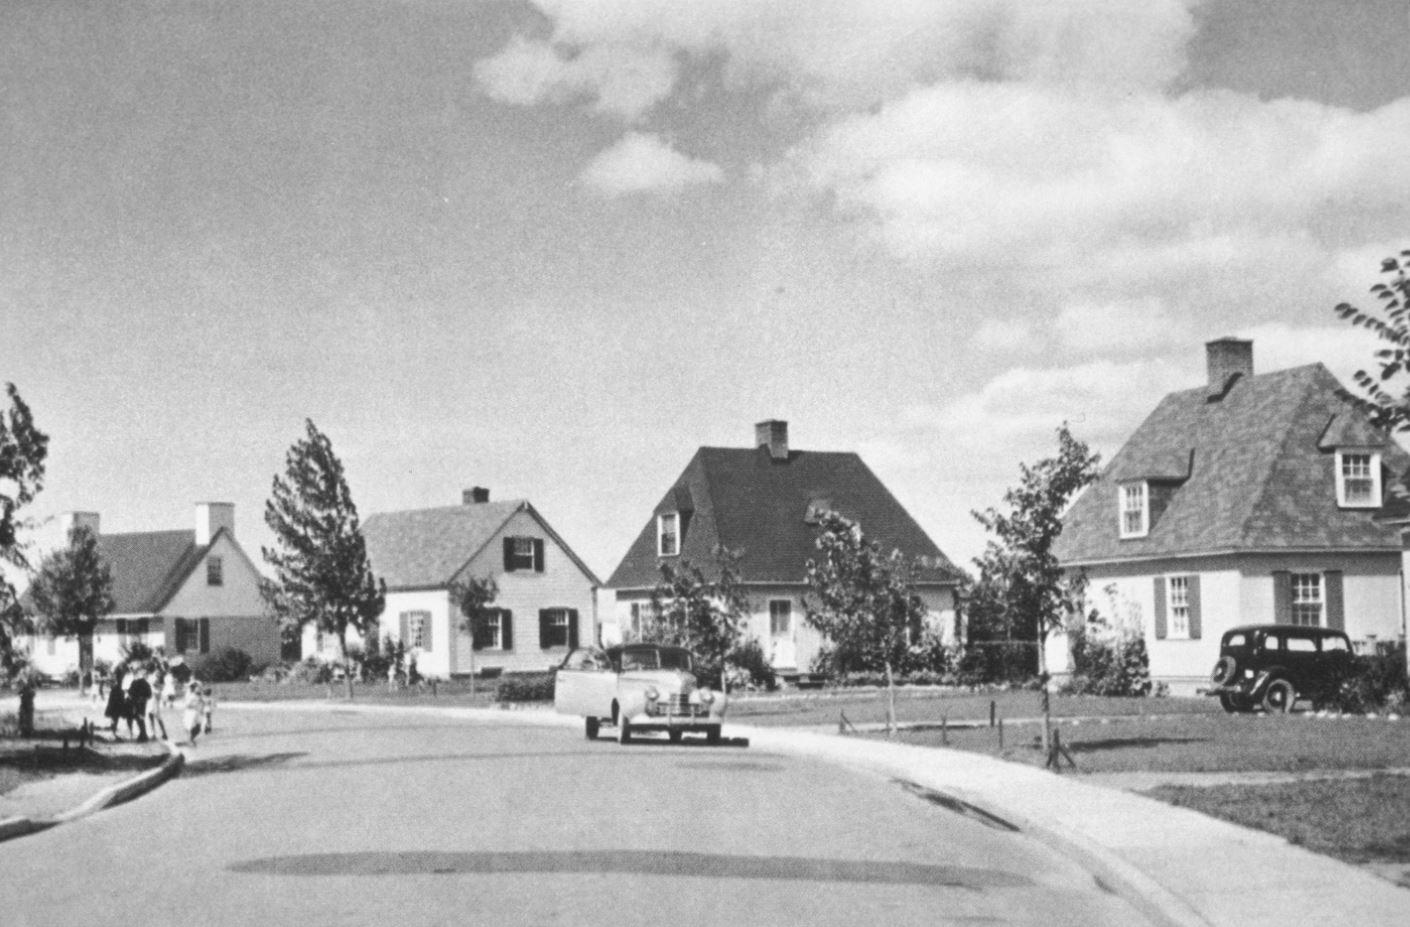 Image promotionnelle de la compagnie Alcan en 1953. Rapport annuel d'Alcan.